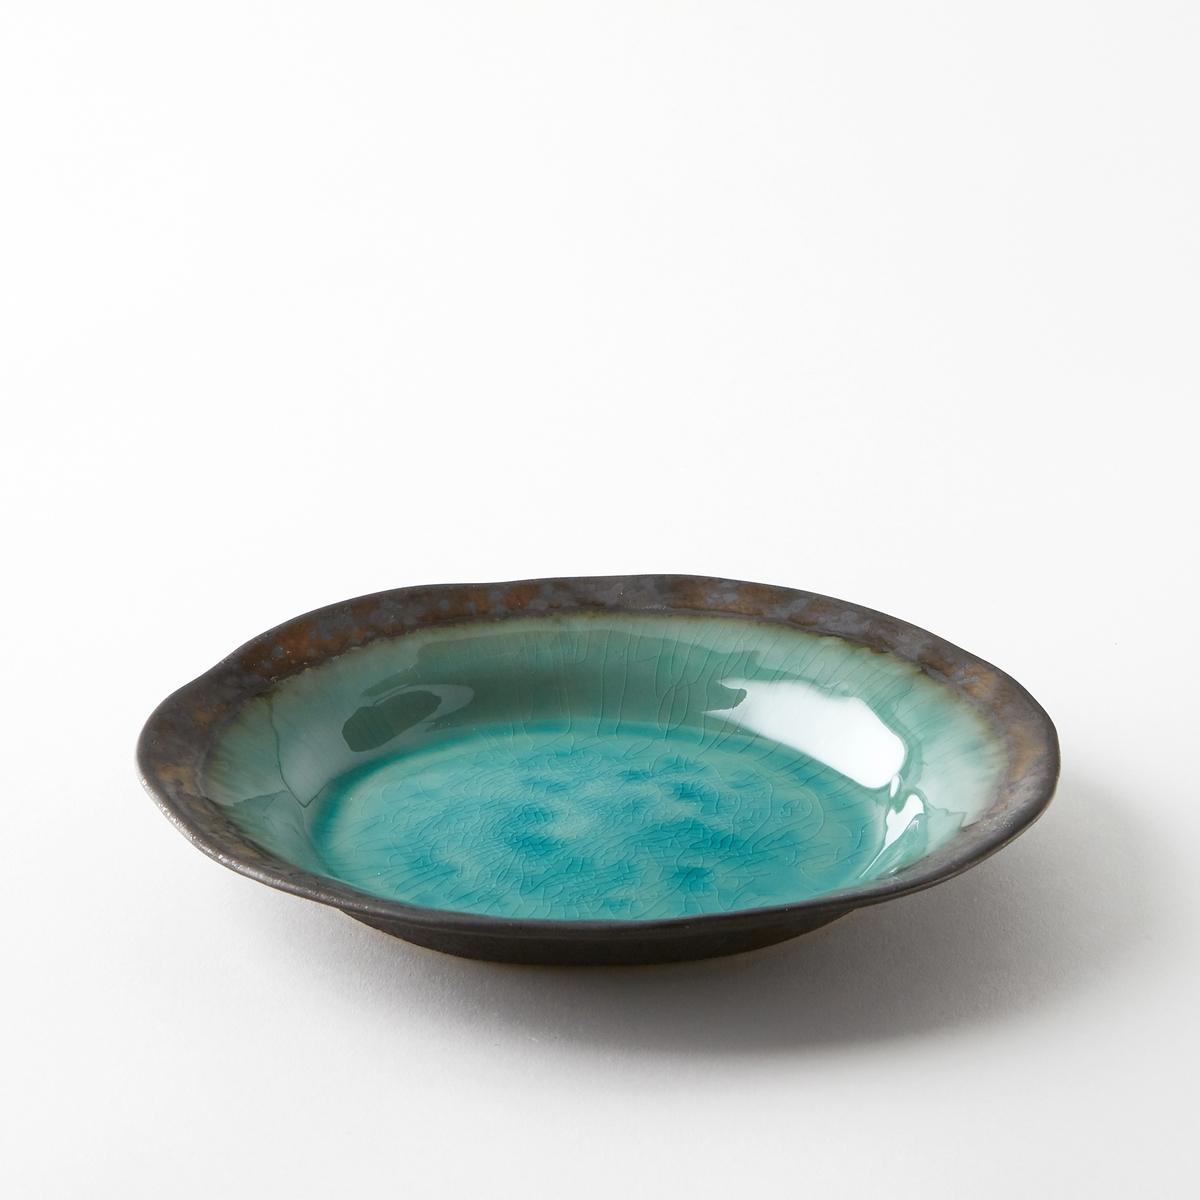 Тарелка десертная из глазурованной керамики, AltadillМыть в посудомоечной машине запрещено. .<br><br>Цвет: голубой бирюзовый